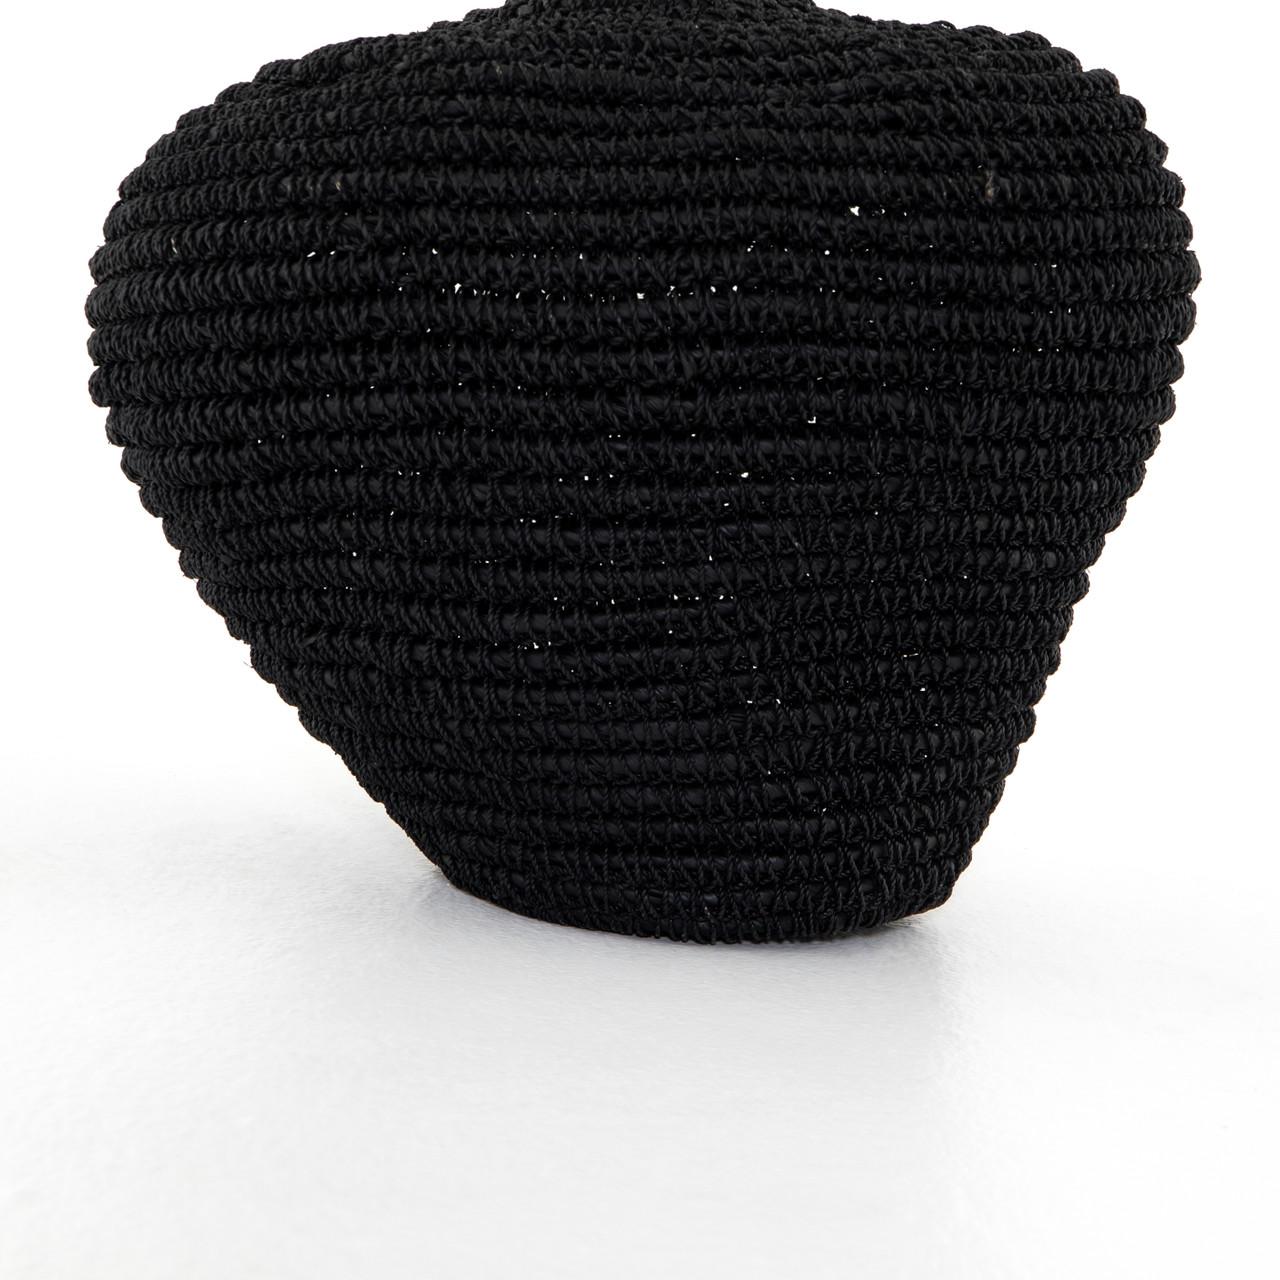 Bodhi Basket-Black Banana Leaf